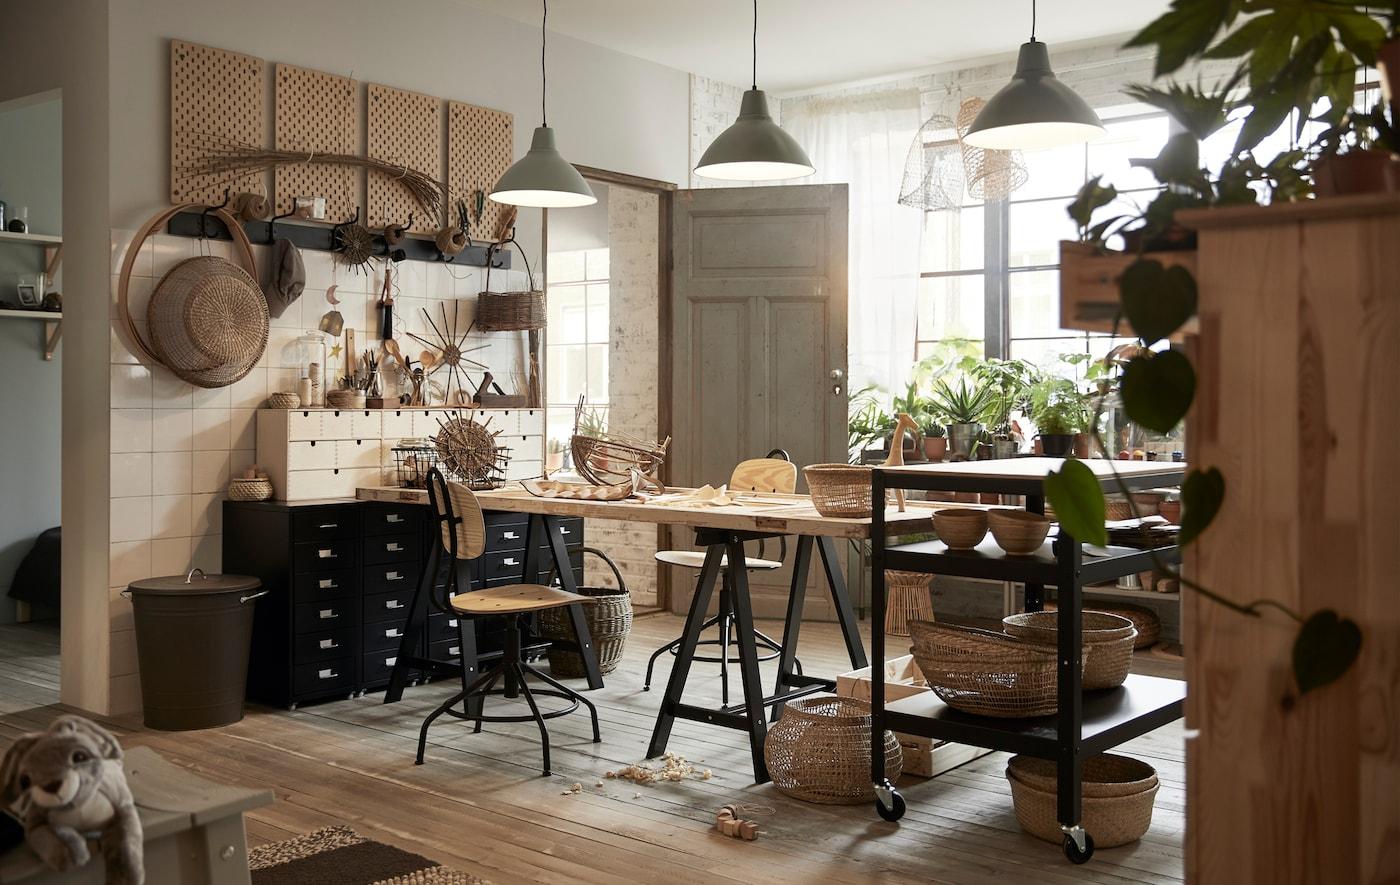 Nachhaltiger Arbeitsplatz im Industrielook mit Möbeln aus Holz & vielen Pflanzen